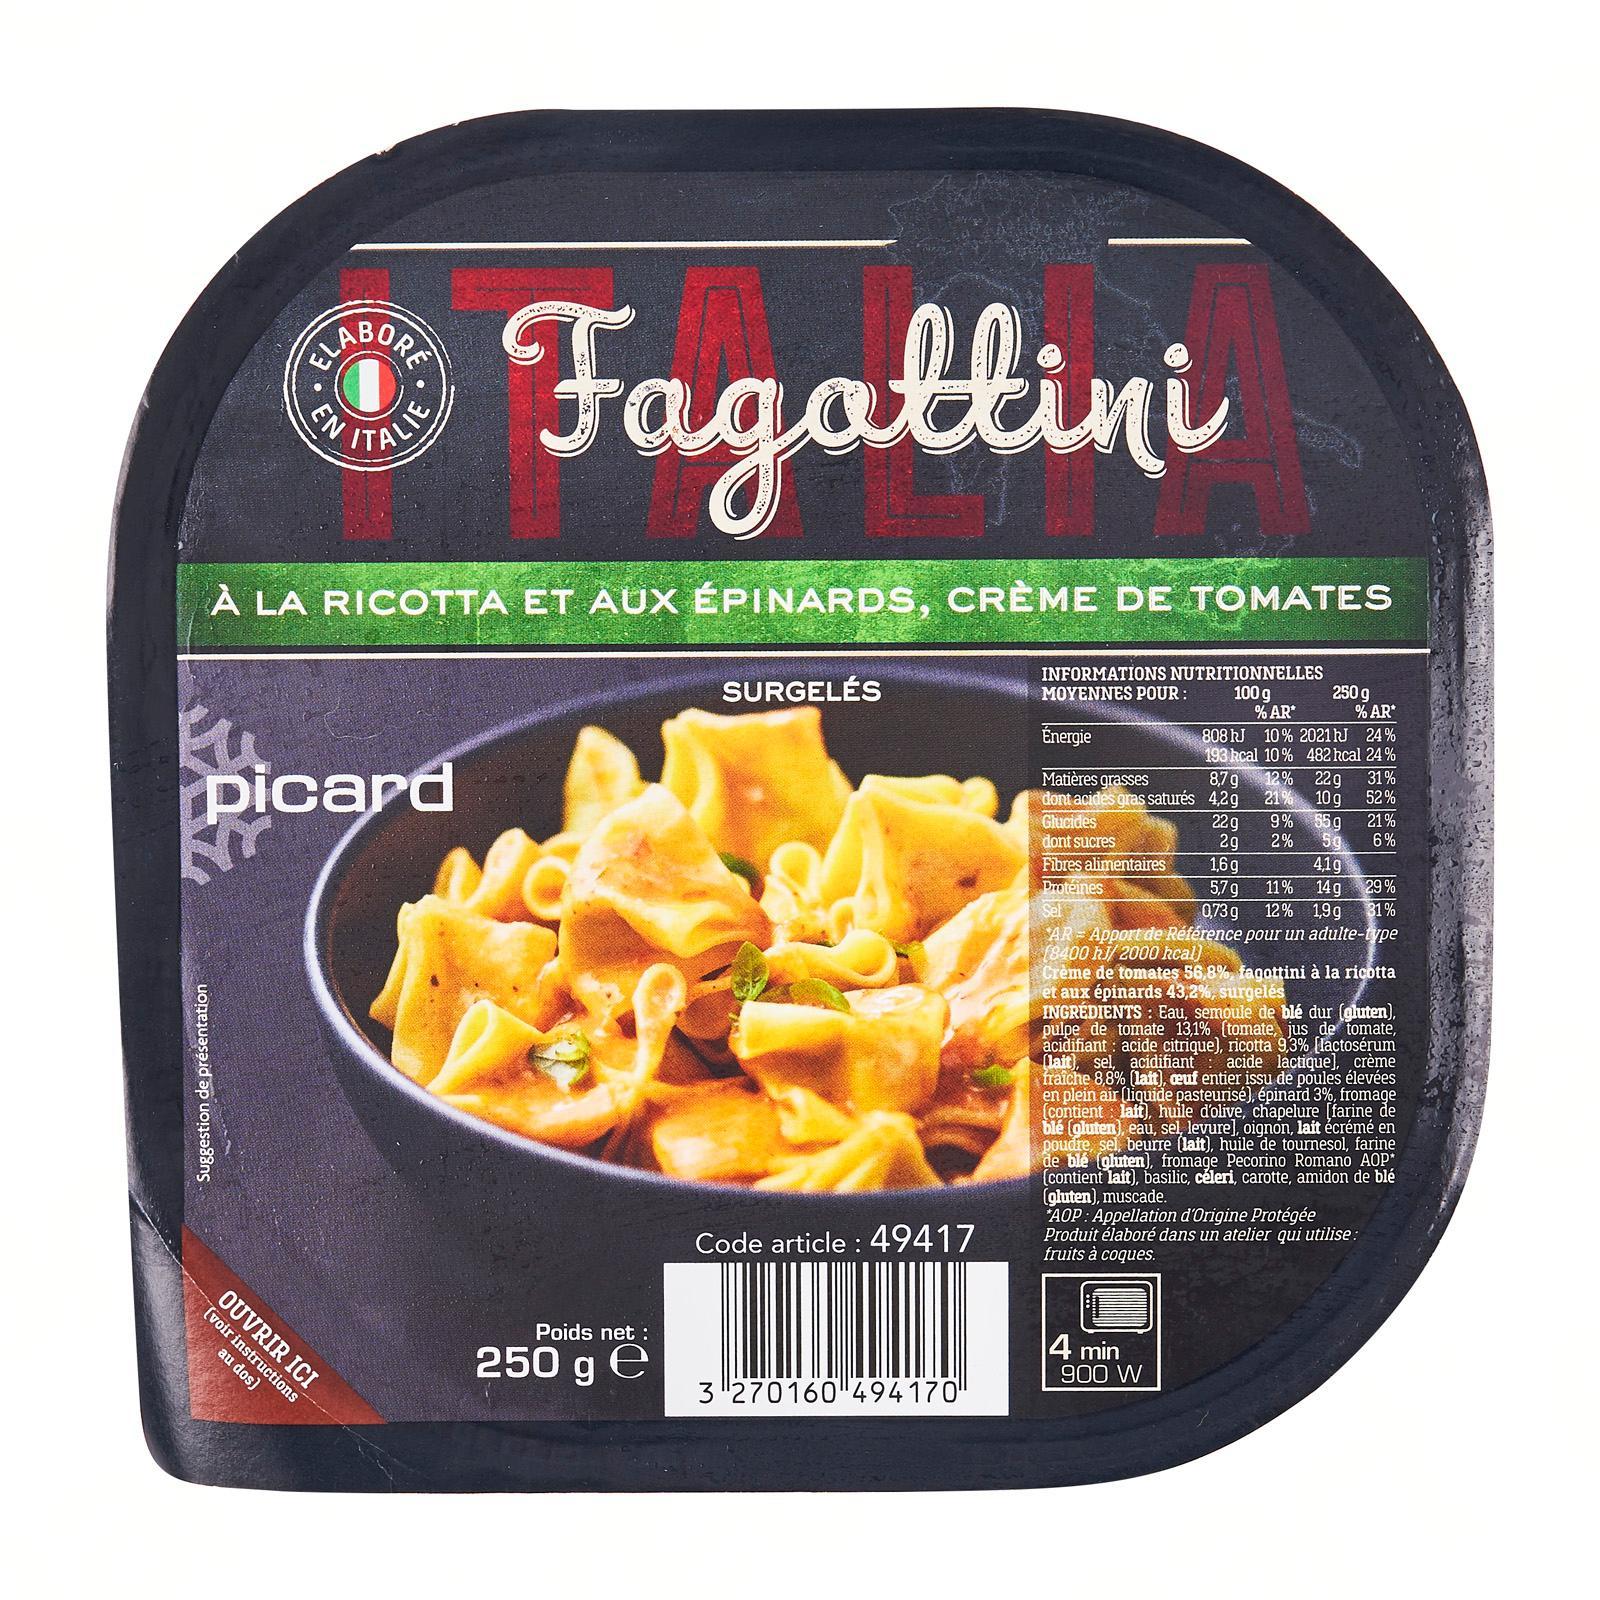 Picard Fagottini Pasta a la Ricotta Spinach and Tomato Cream - Frozen